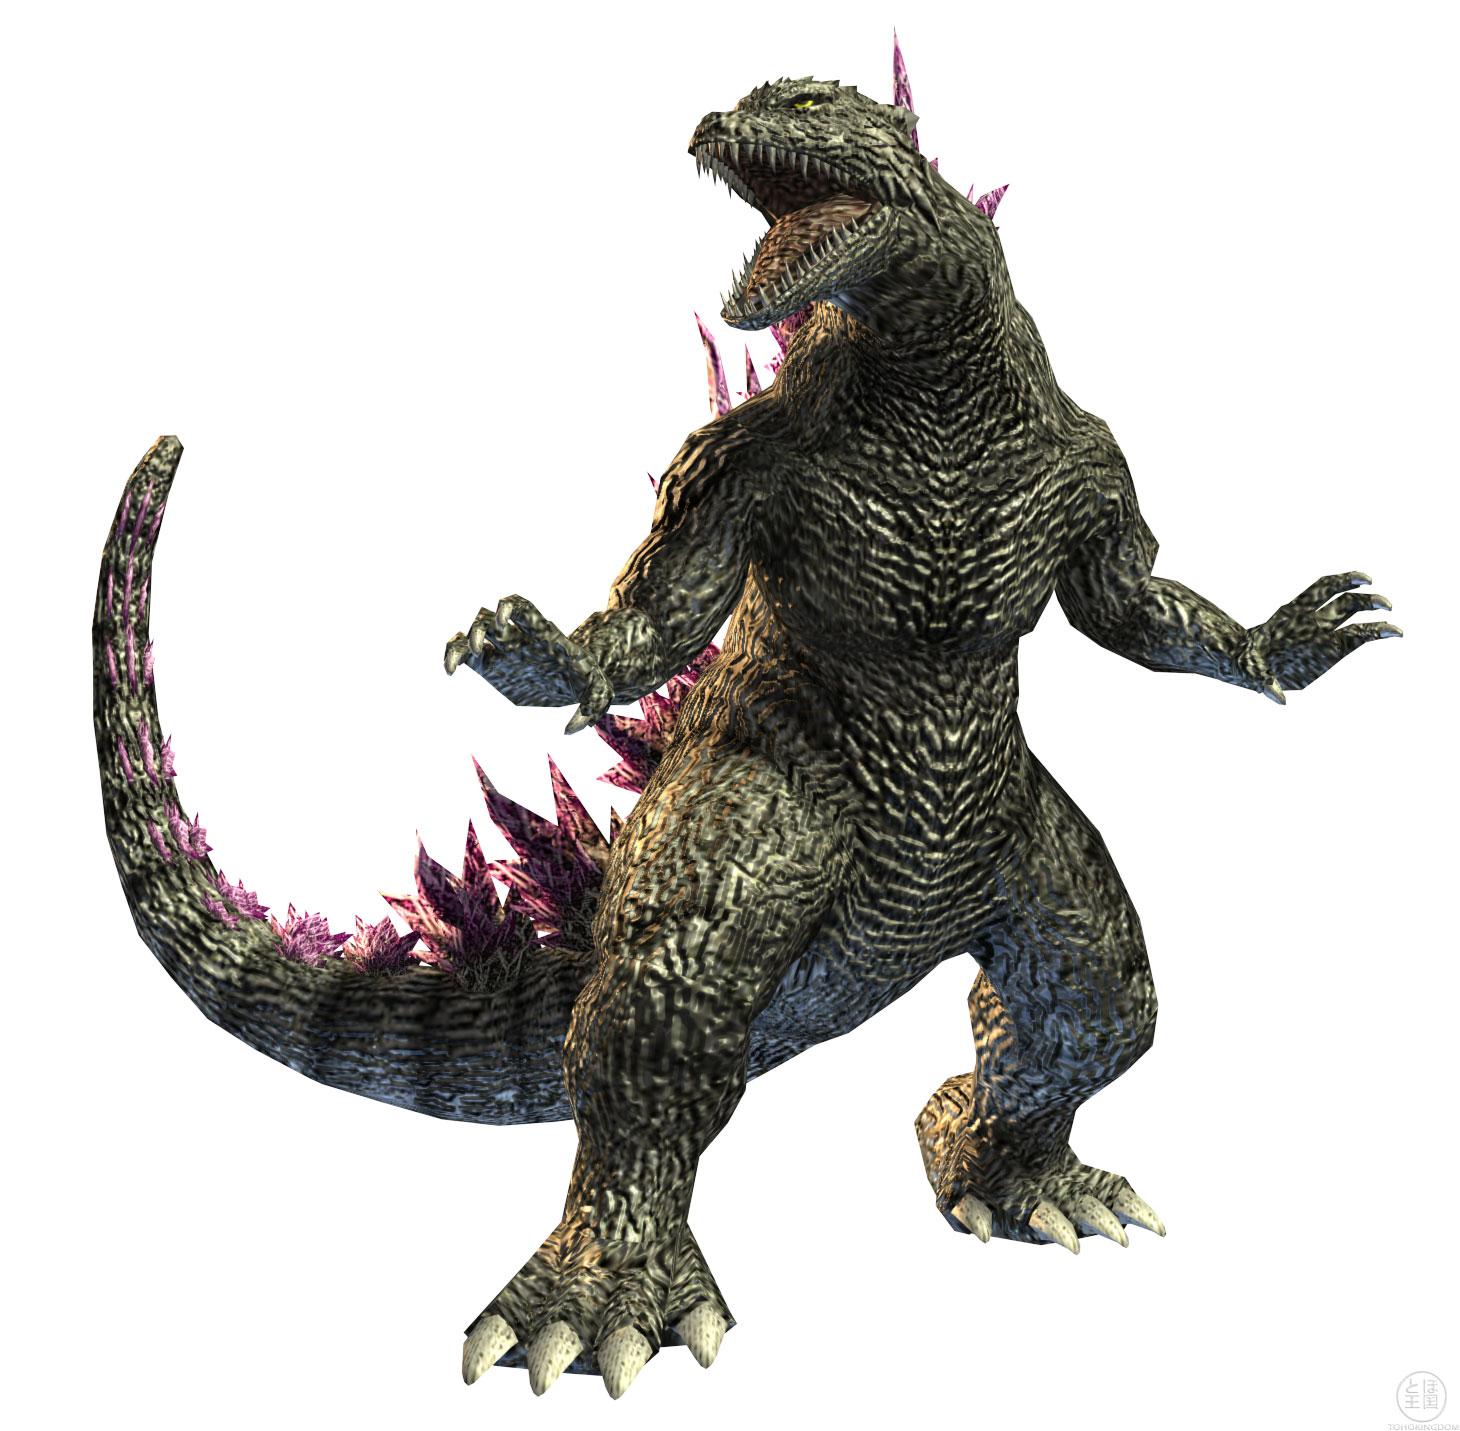 Godzilla 2000 | Godzilla Unleashed Monsters Wiki | FANDOM ...